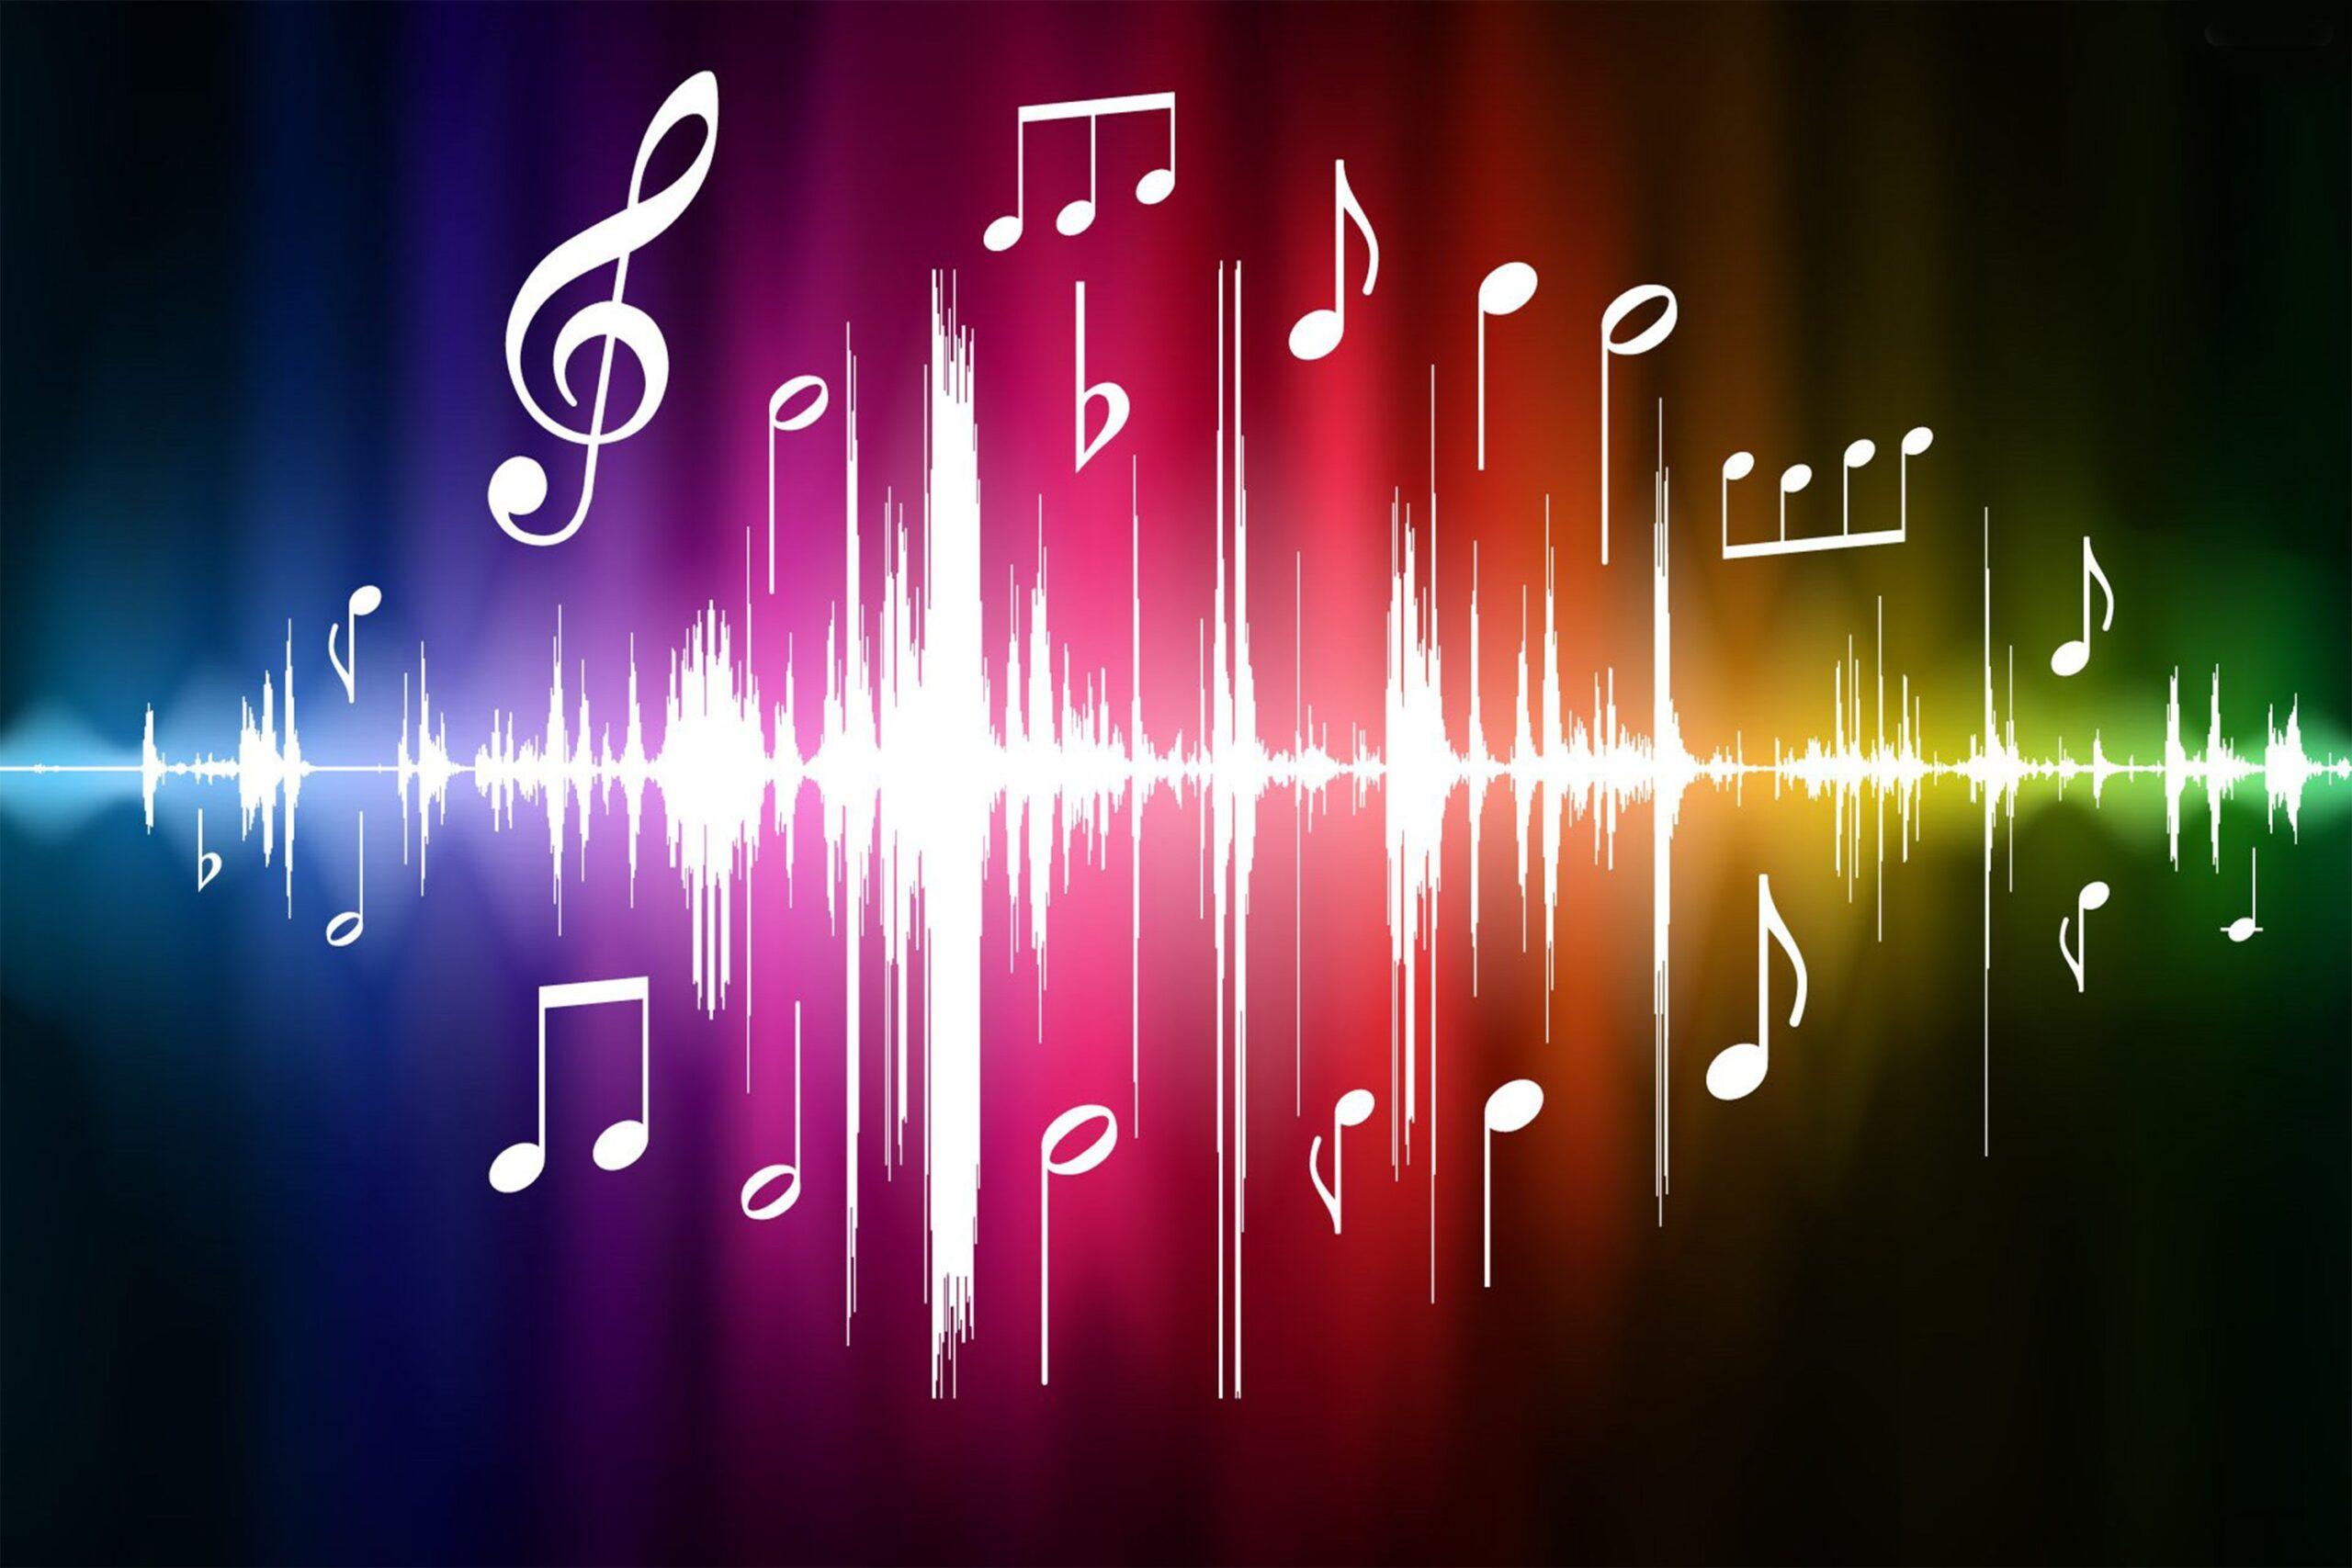 تاثیر موسیقی در زندگی روزمره